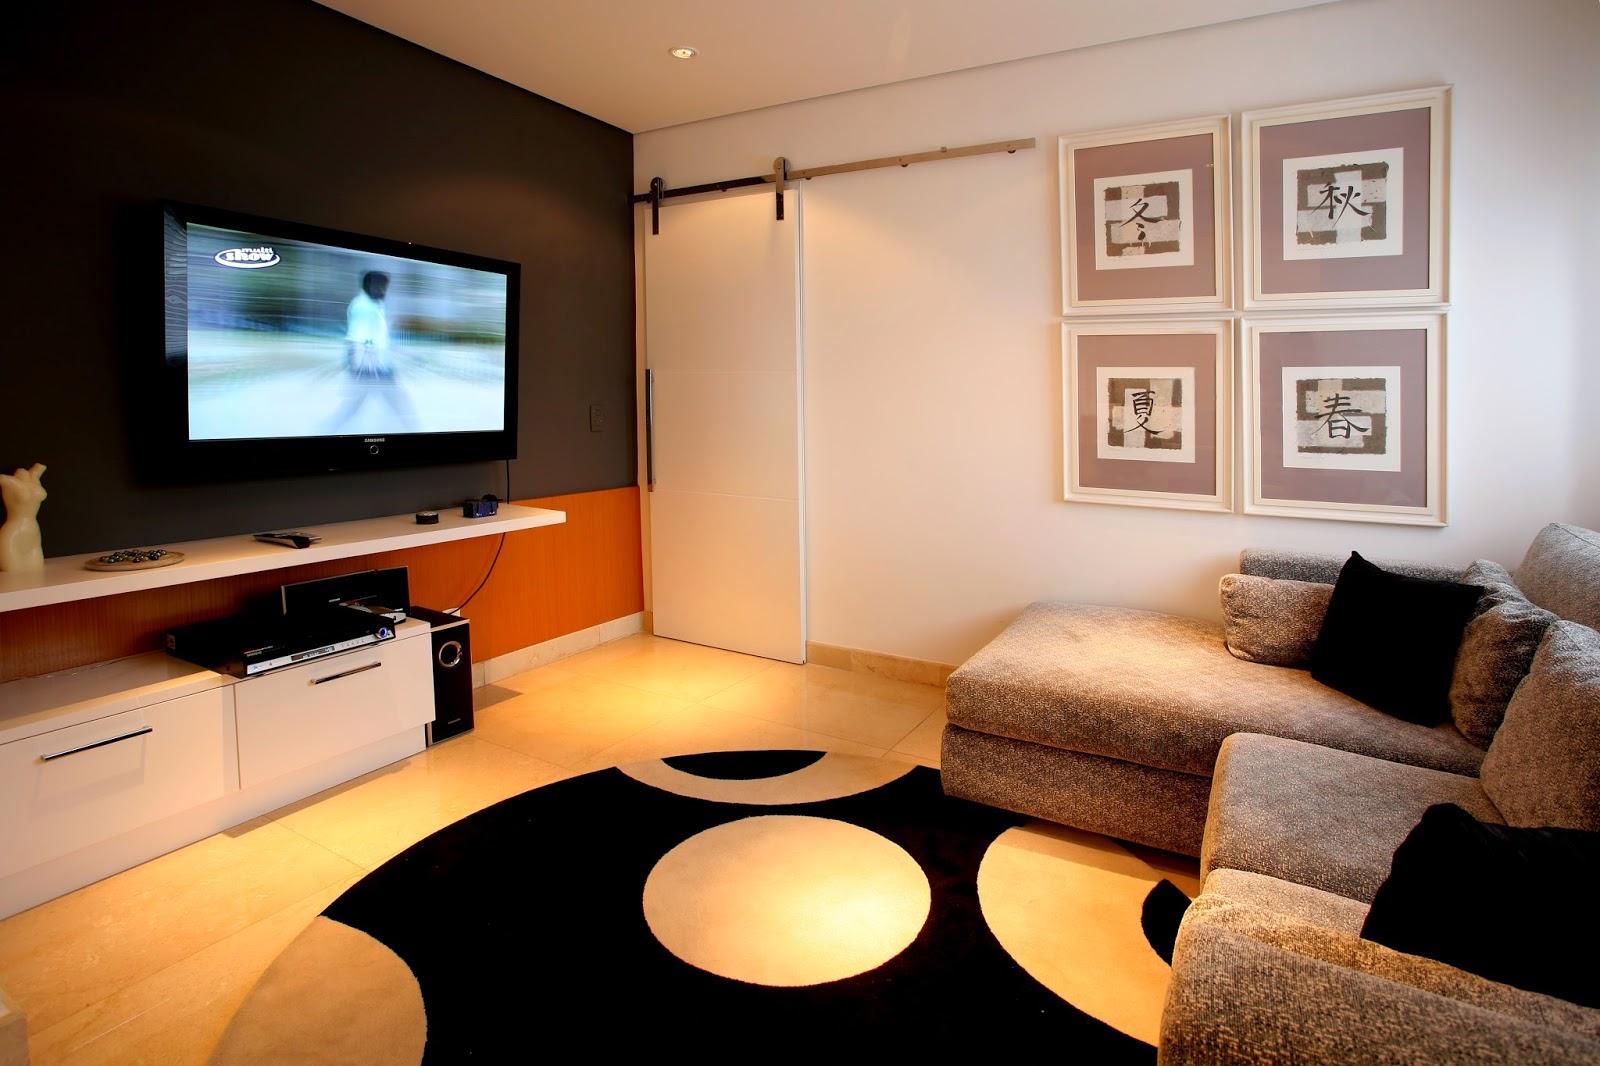 Sala De Tv Estreita ~ Meu Mini Apê Transformando um quarto em sala de tvcinema